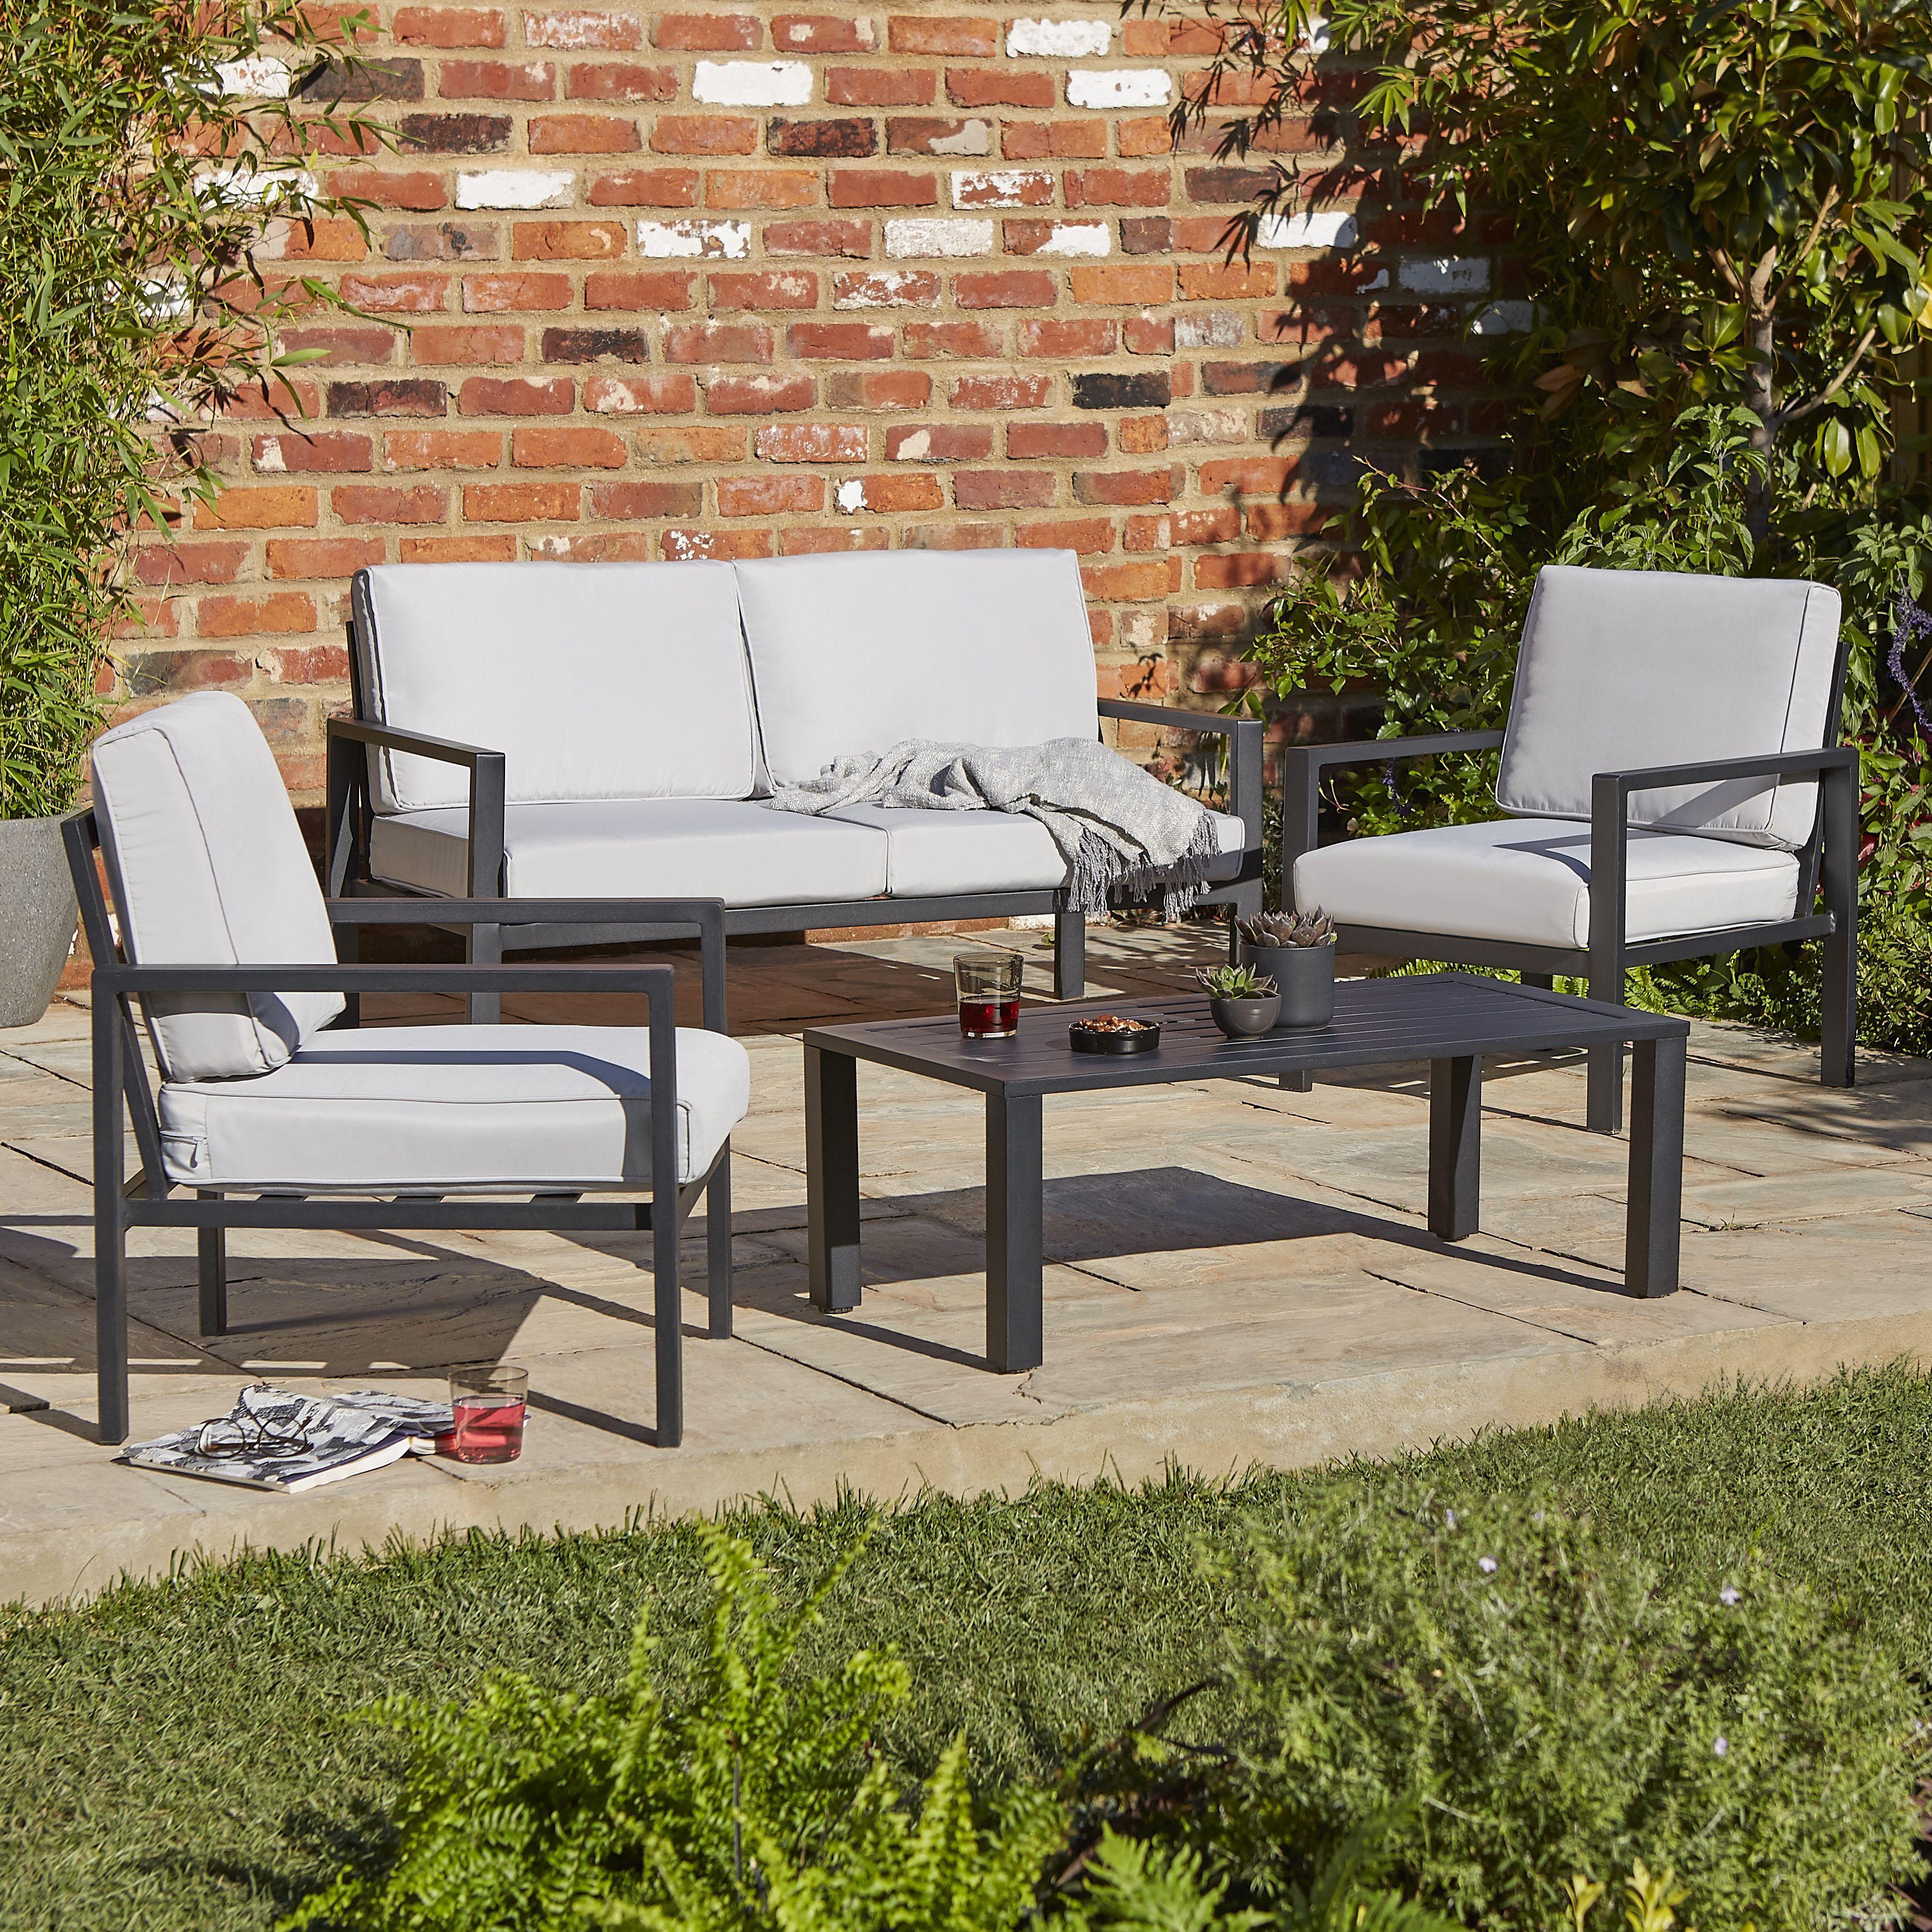 Ordinaire Metal Garden Furniture